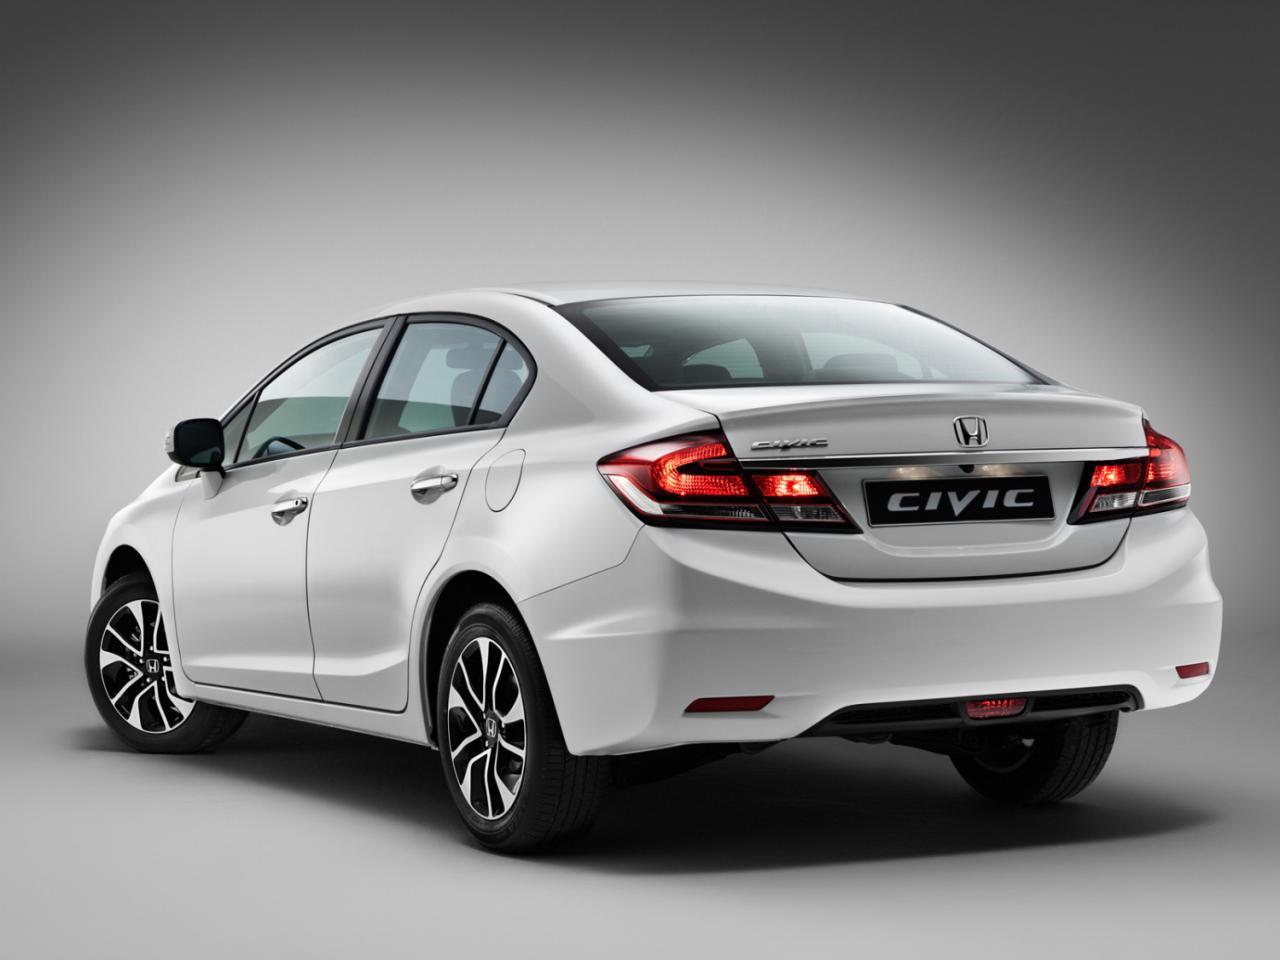 Honda Civic 2014 | New Honda Model